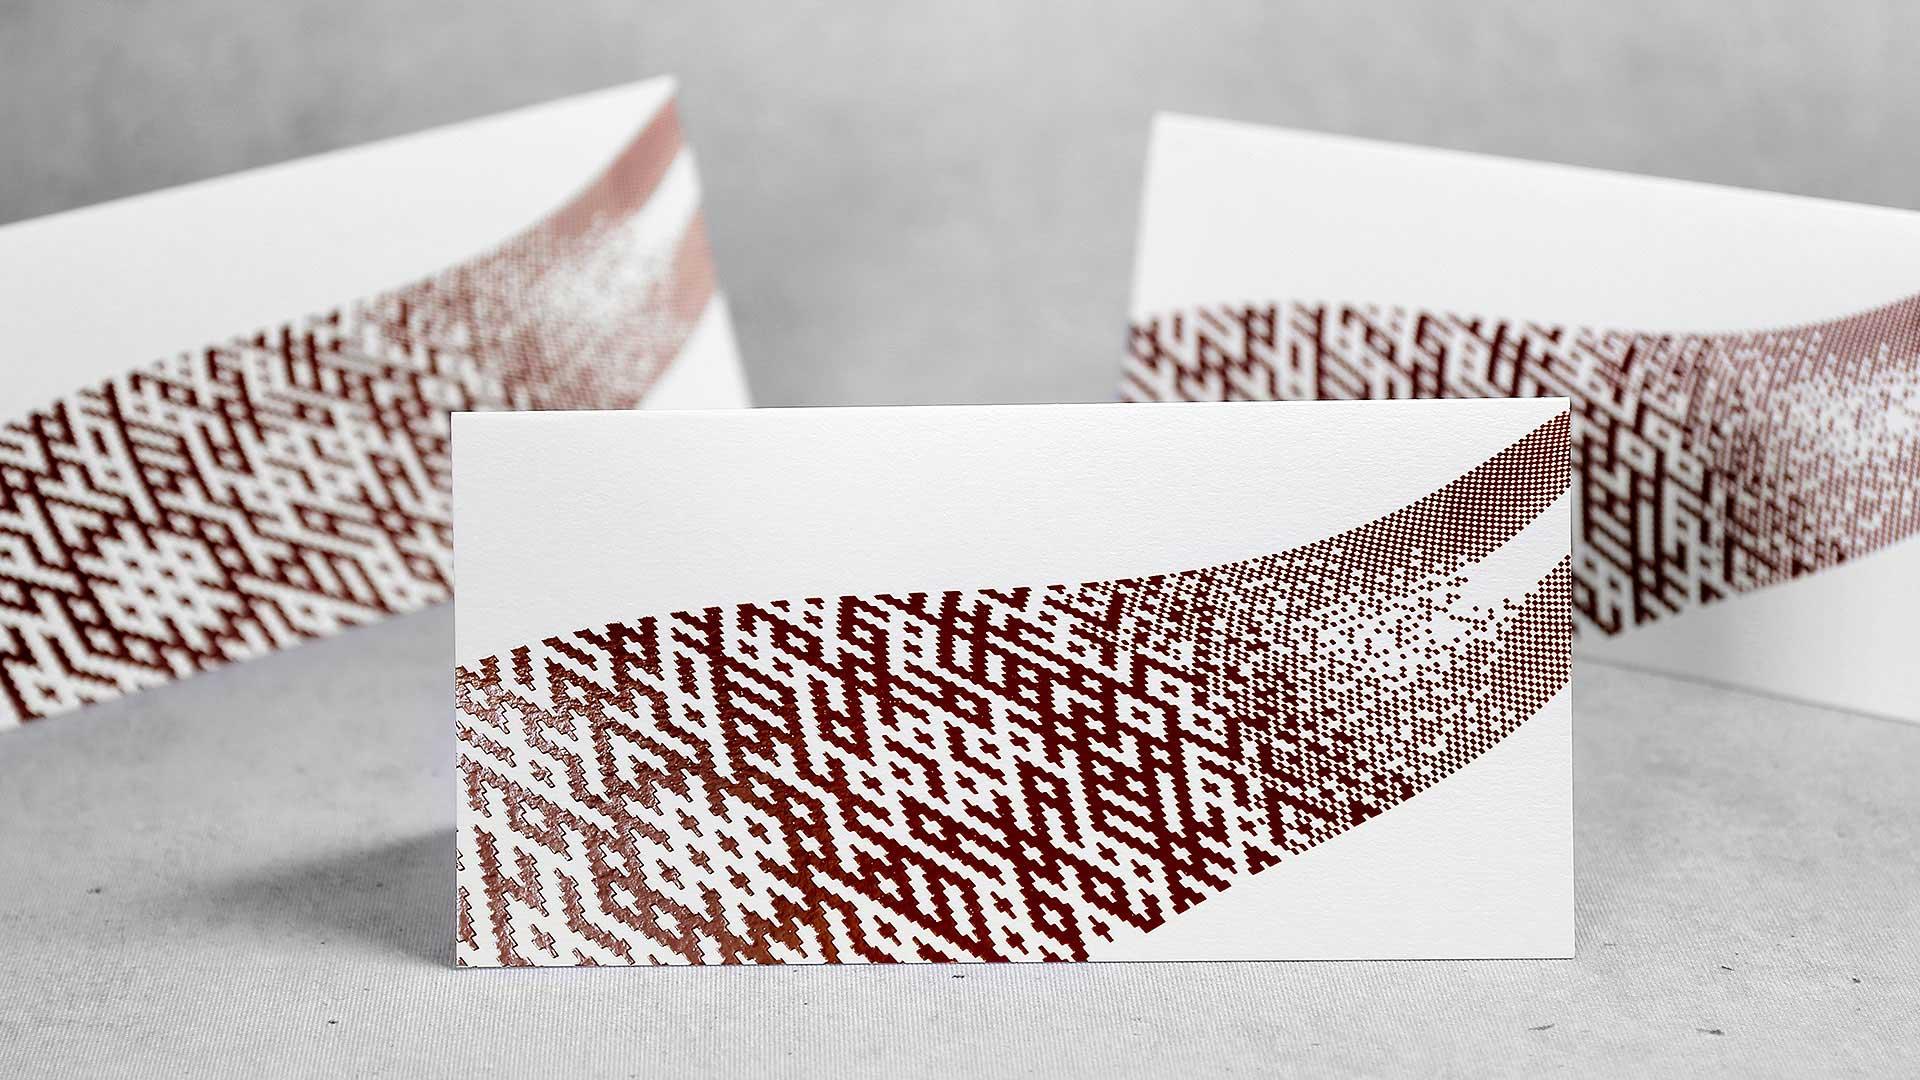 ZIemassvētku kartiņu druka, izgatavošana Lielvārdes josta